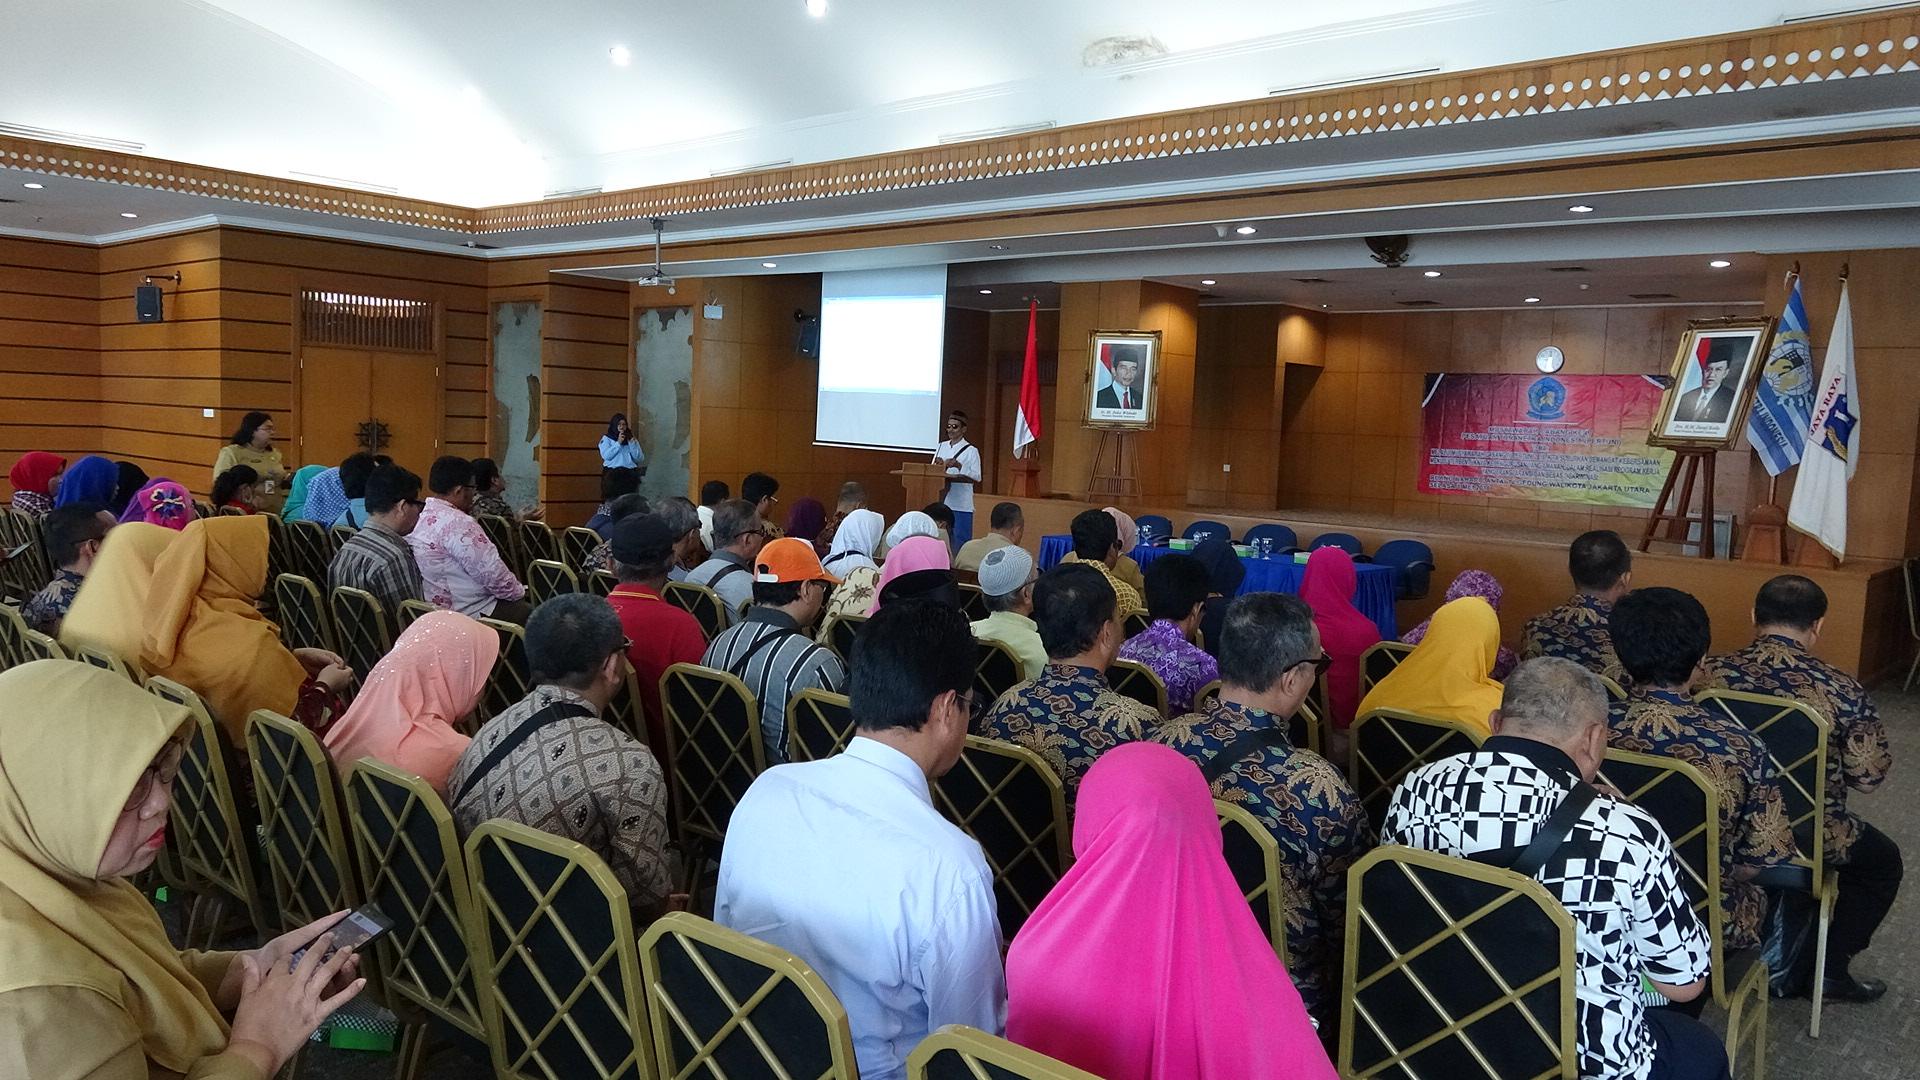 Pemerintah Kota Administrasi Jakarta Utara Pertuni Gelar Muscab Iv Kantor